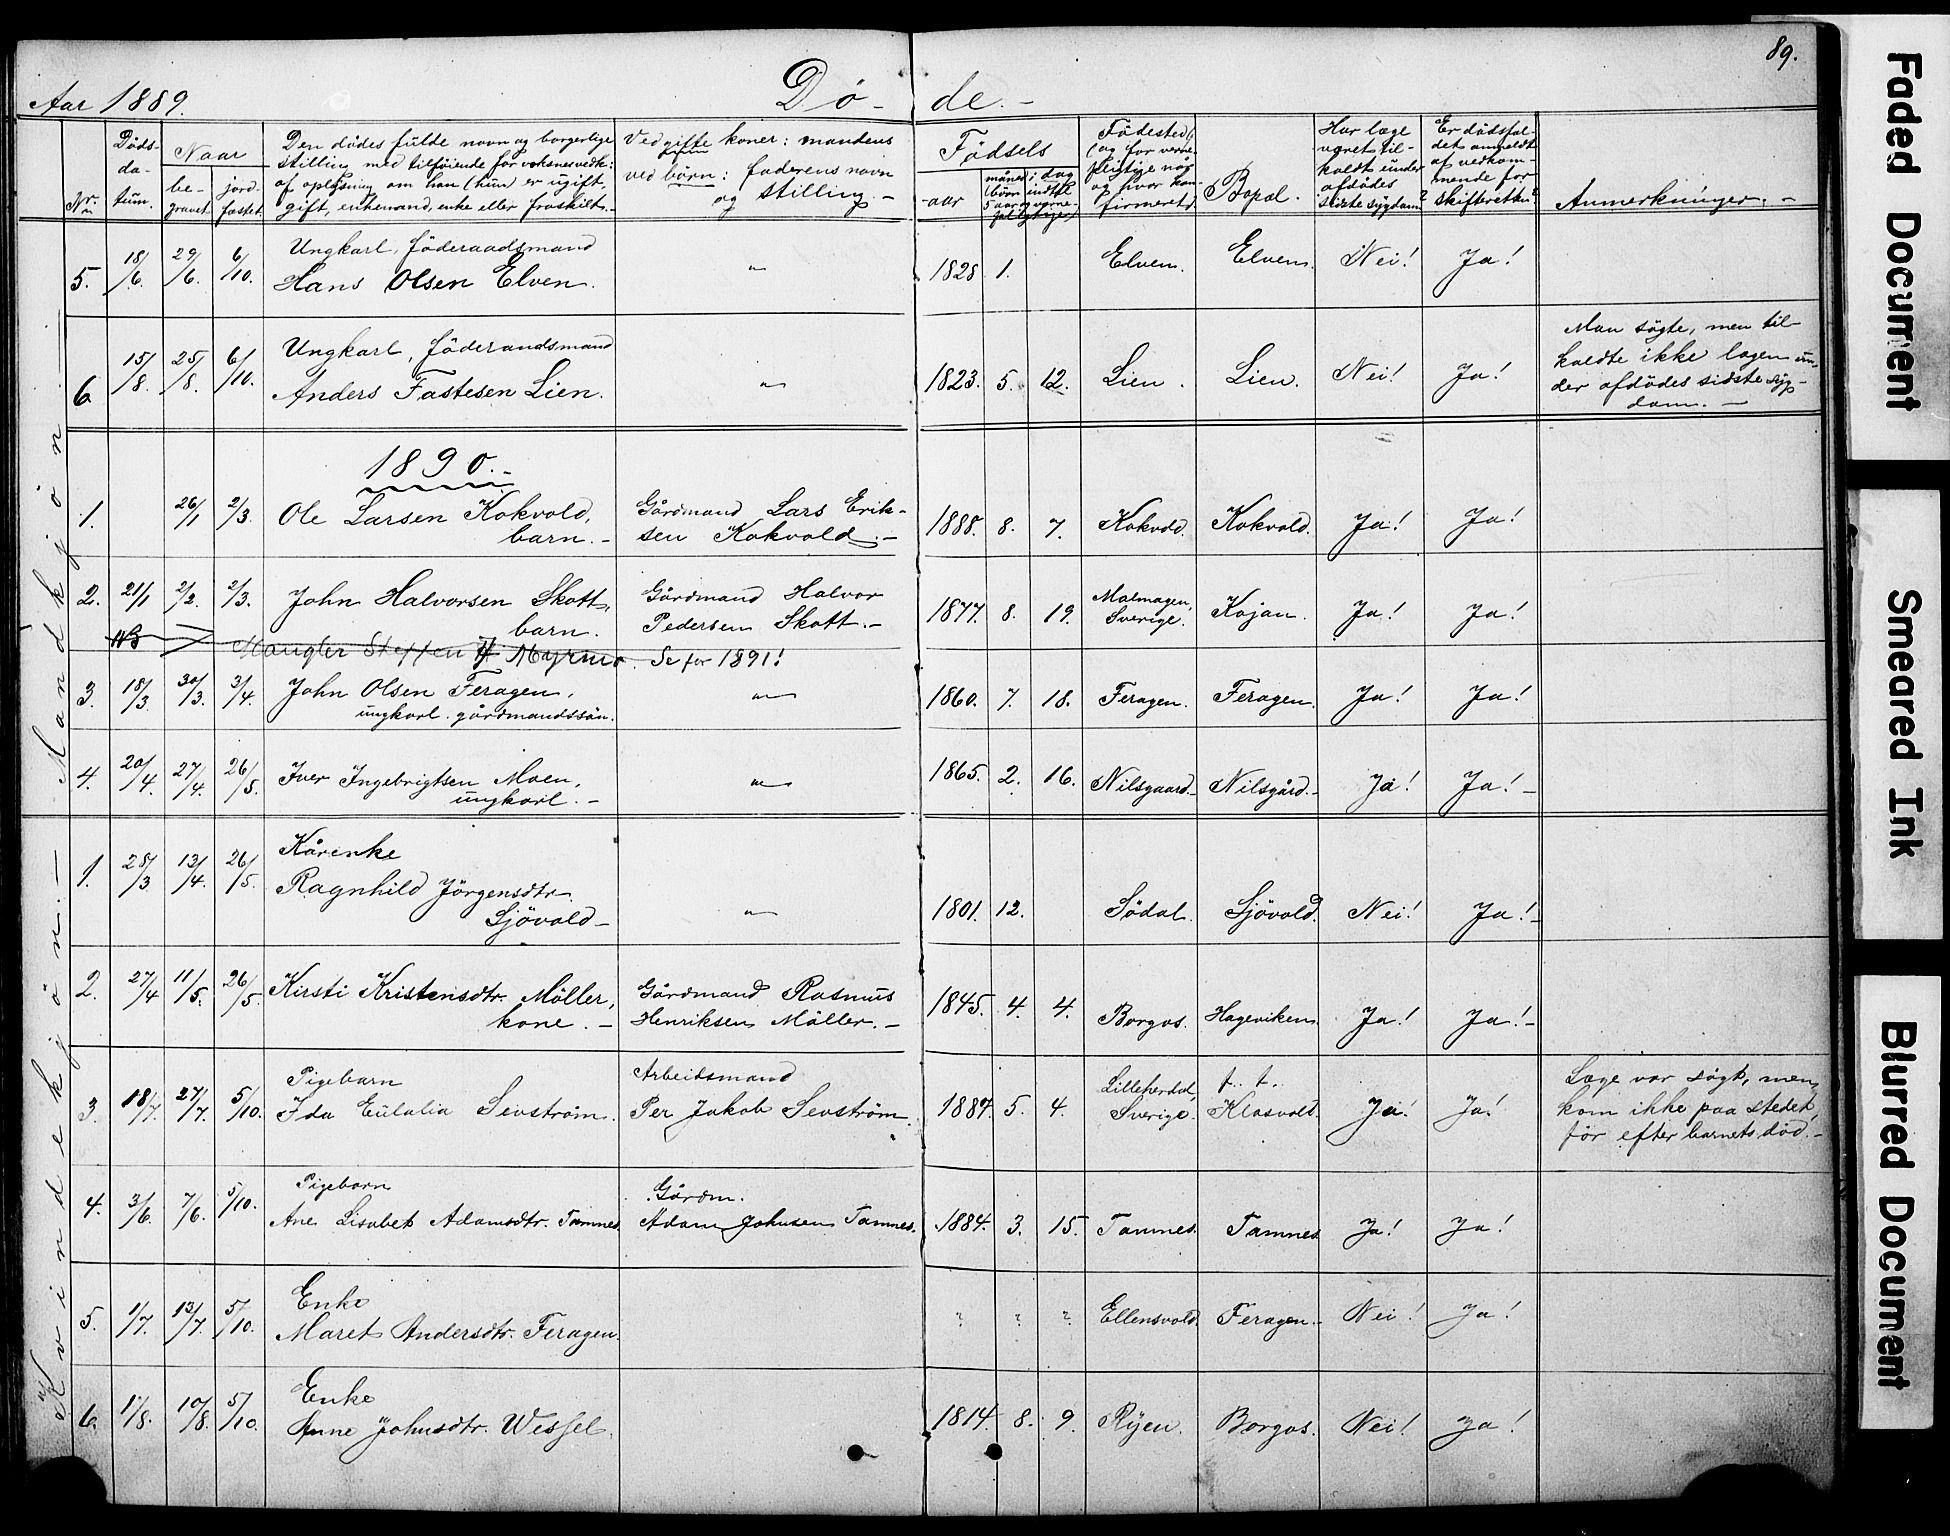 SAT, Ministerialprotokoller, klokkerbøker og fødselsregistre - Sør-Trøndelag, 683/L0949: Klokkerbok nr. 683C01, 1880-1896, s. 89